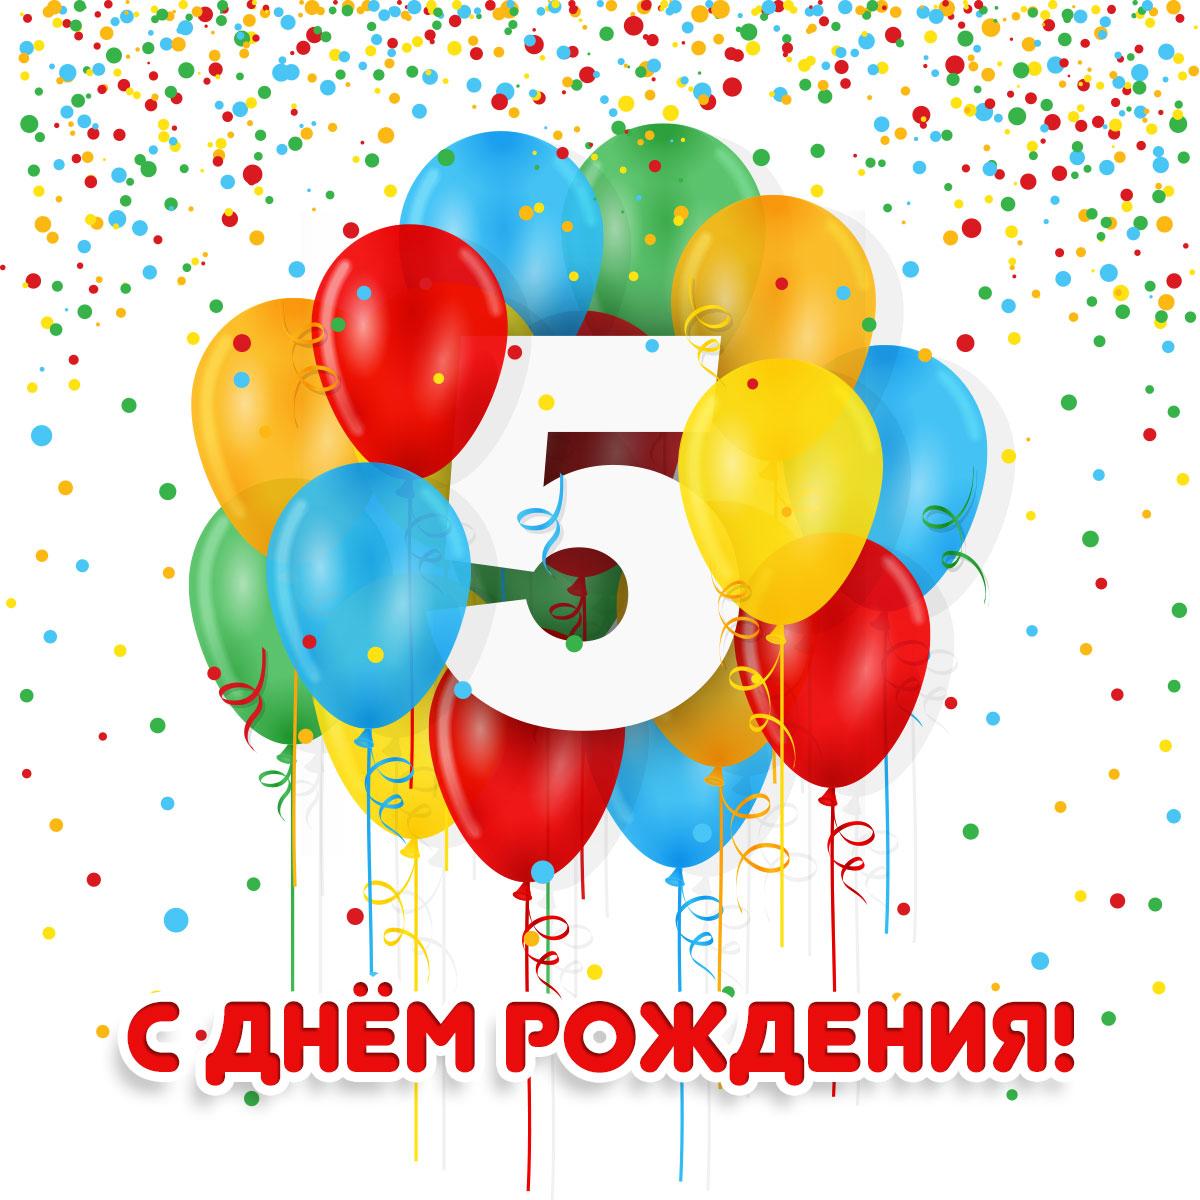 Картинка открытка 5 лет с днем рождения с разноцветными воздушными шарами и конфетти.